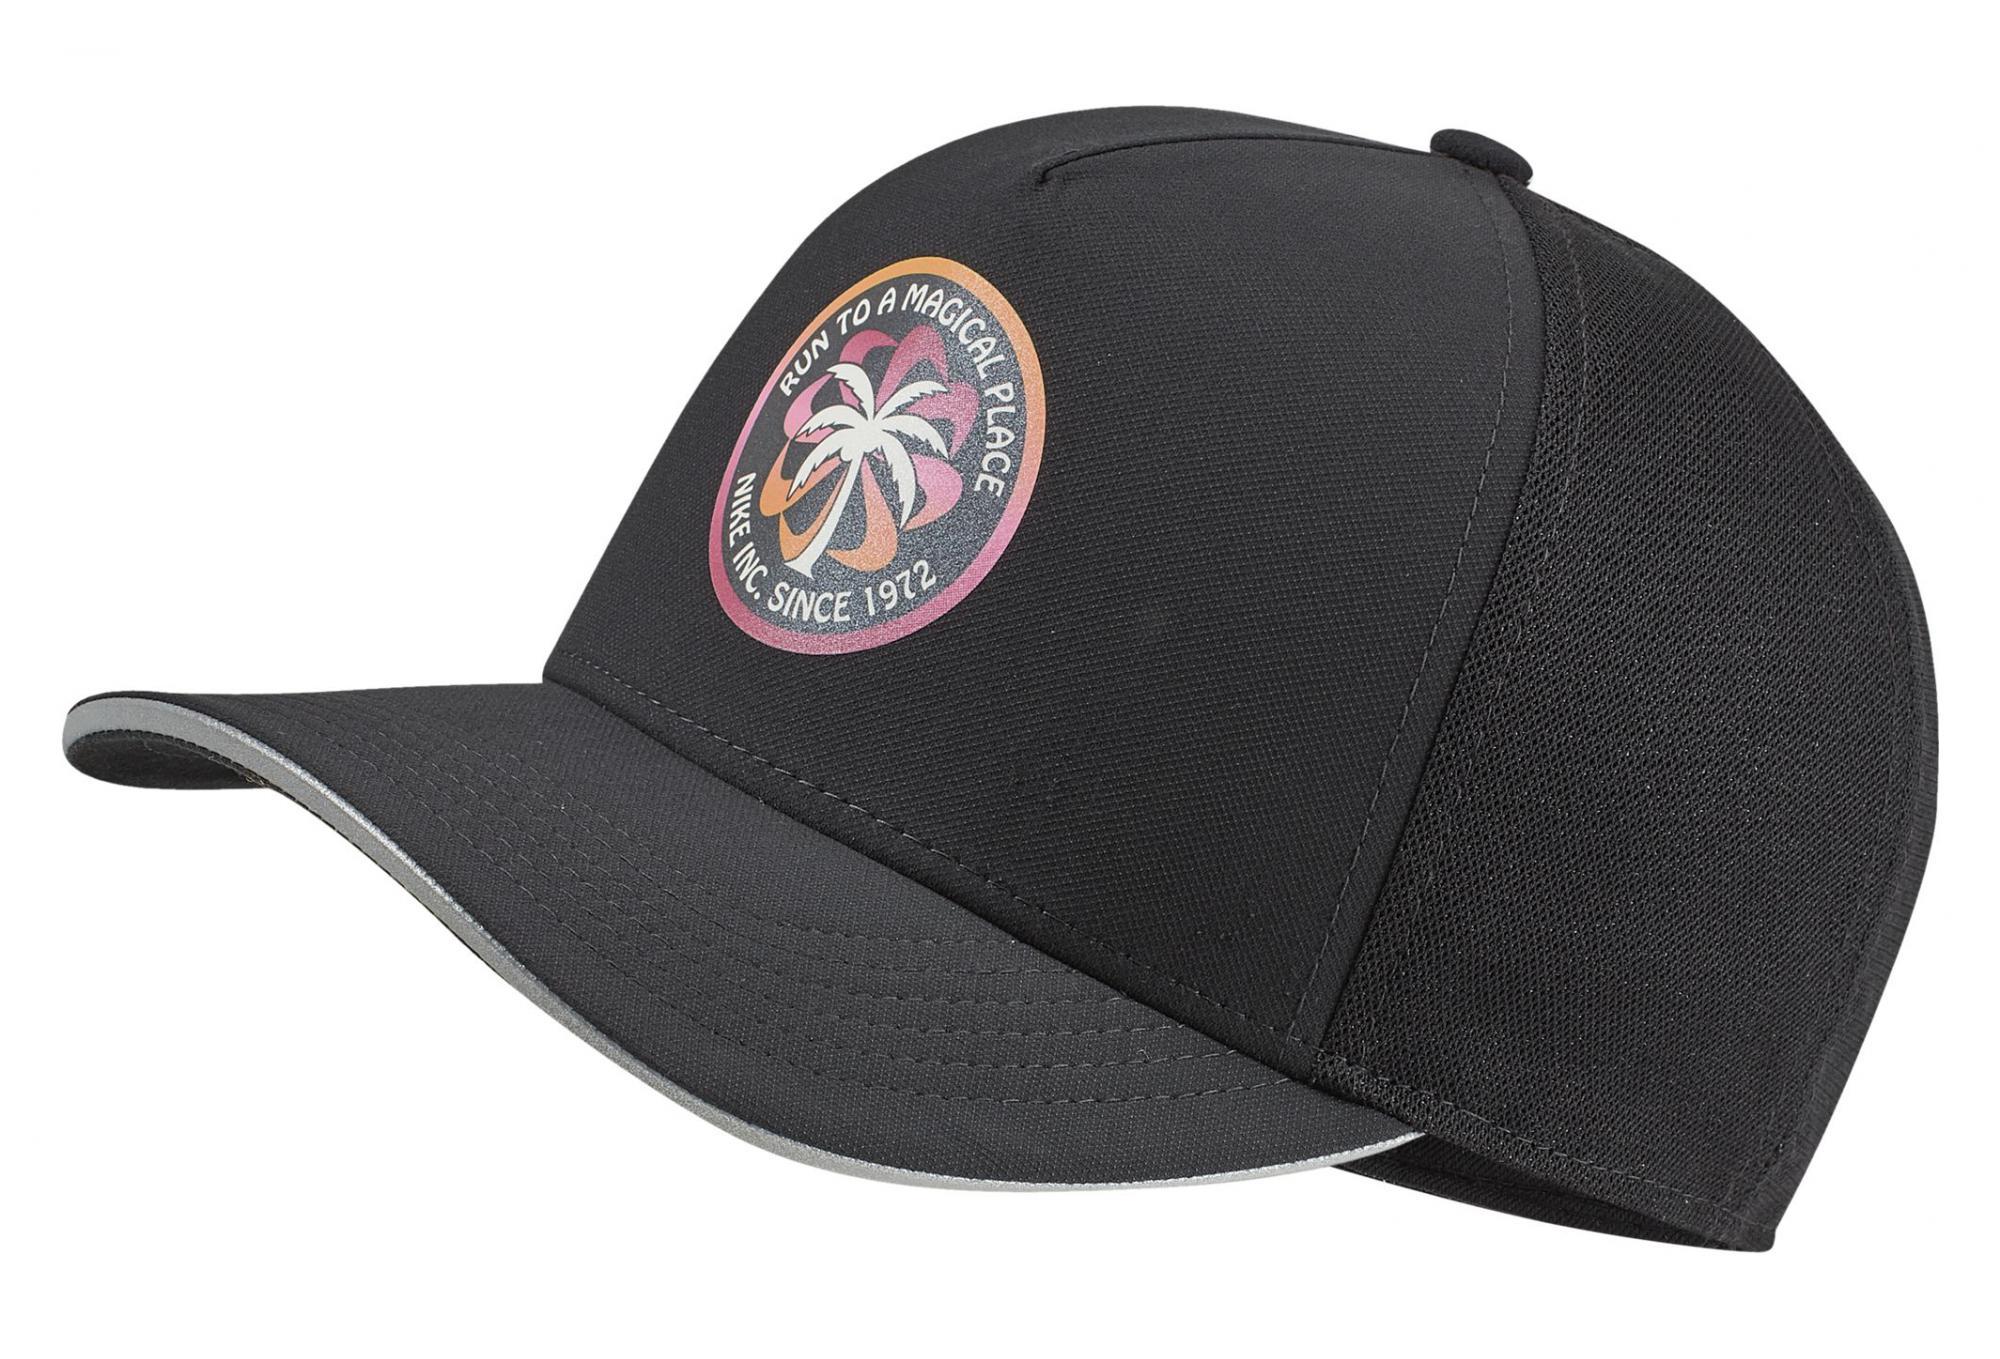 e5f762ca8 Nike Classic99 Cap Black